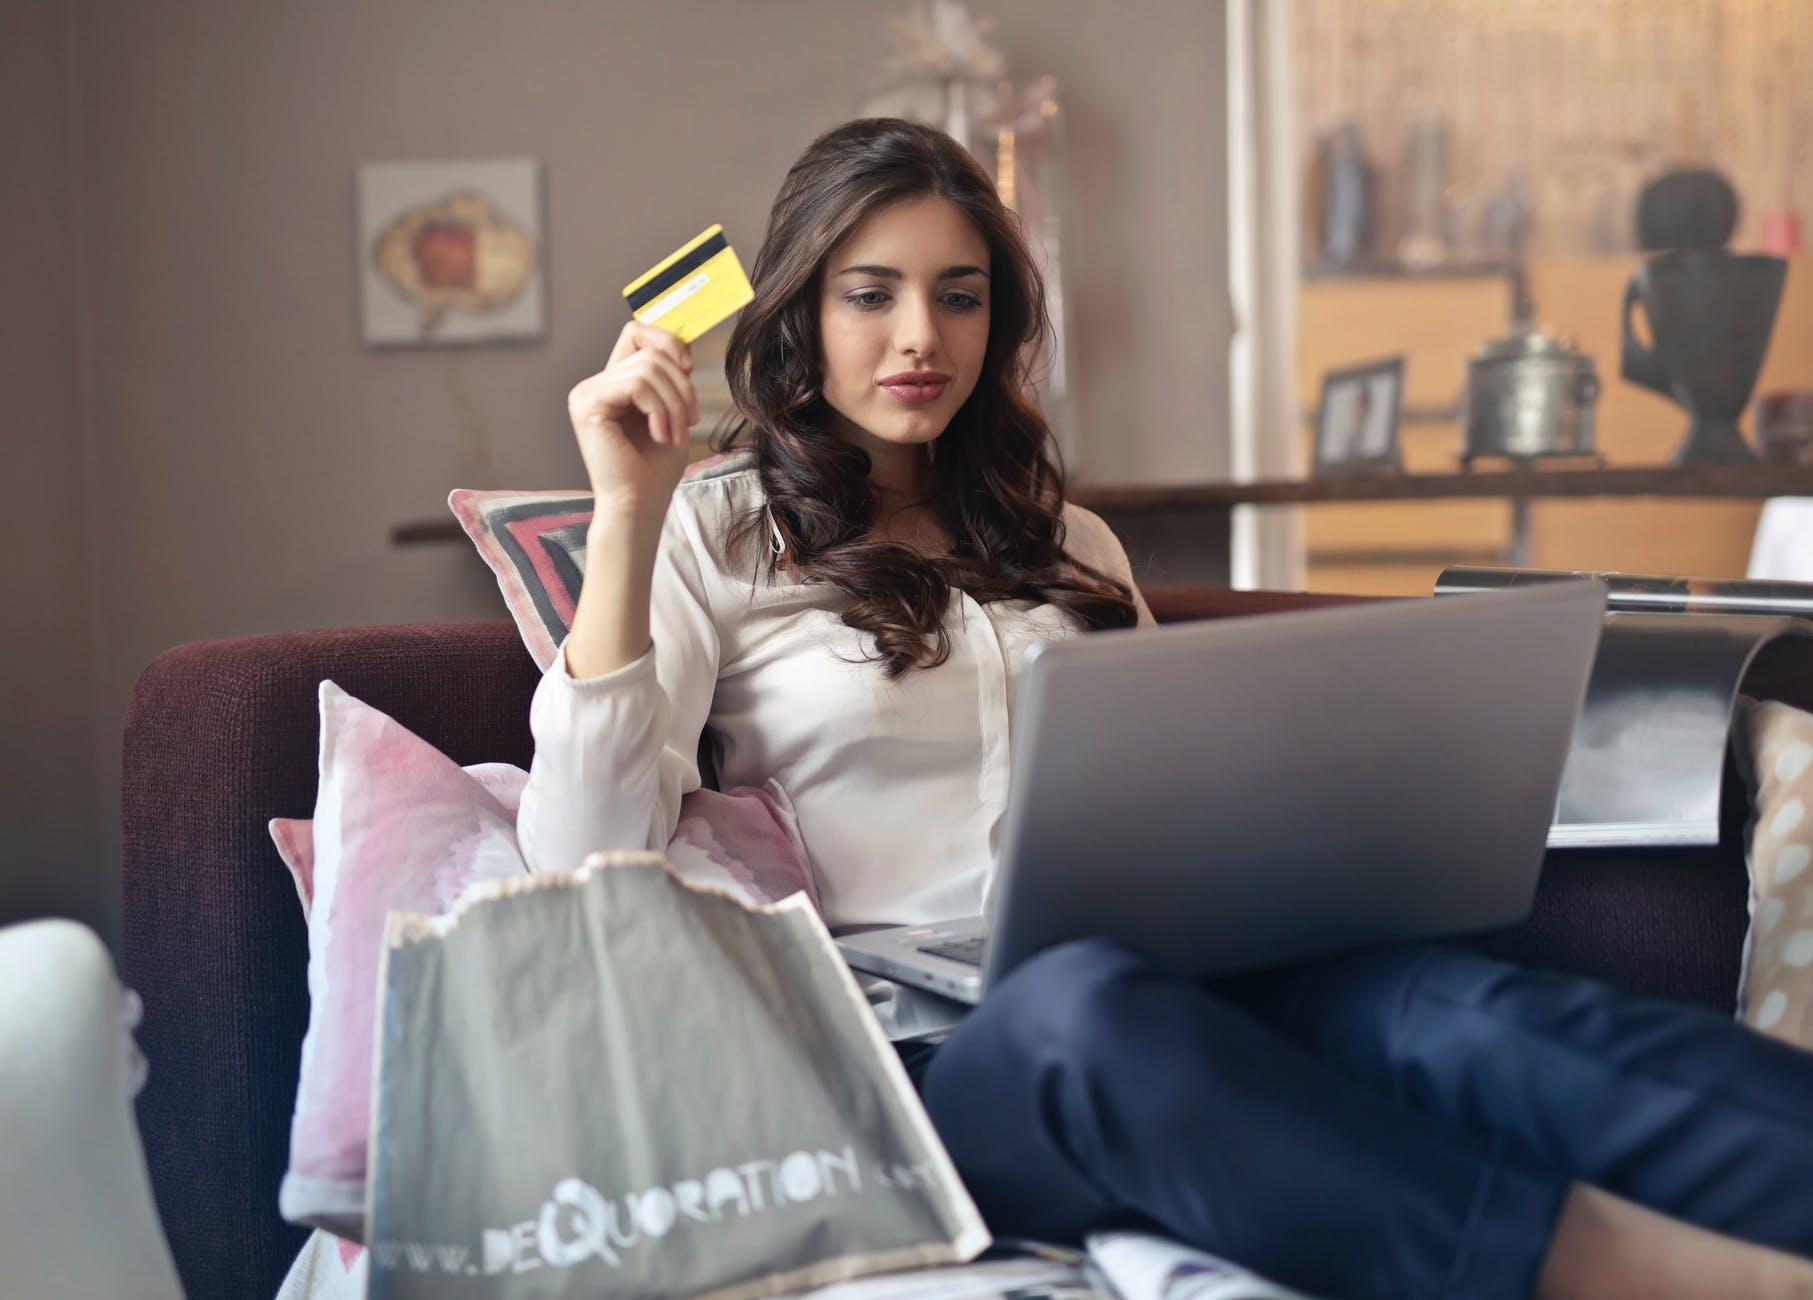 """Nosso comportamento de consumo é um dos maiores responsáveis pela cultura das """"roupas descartáveis"""".Foto: Pexels.com"""